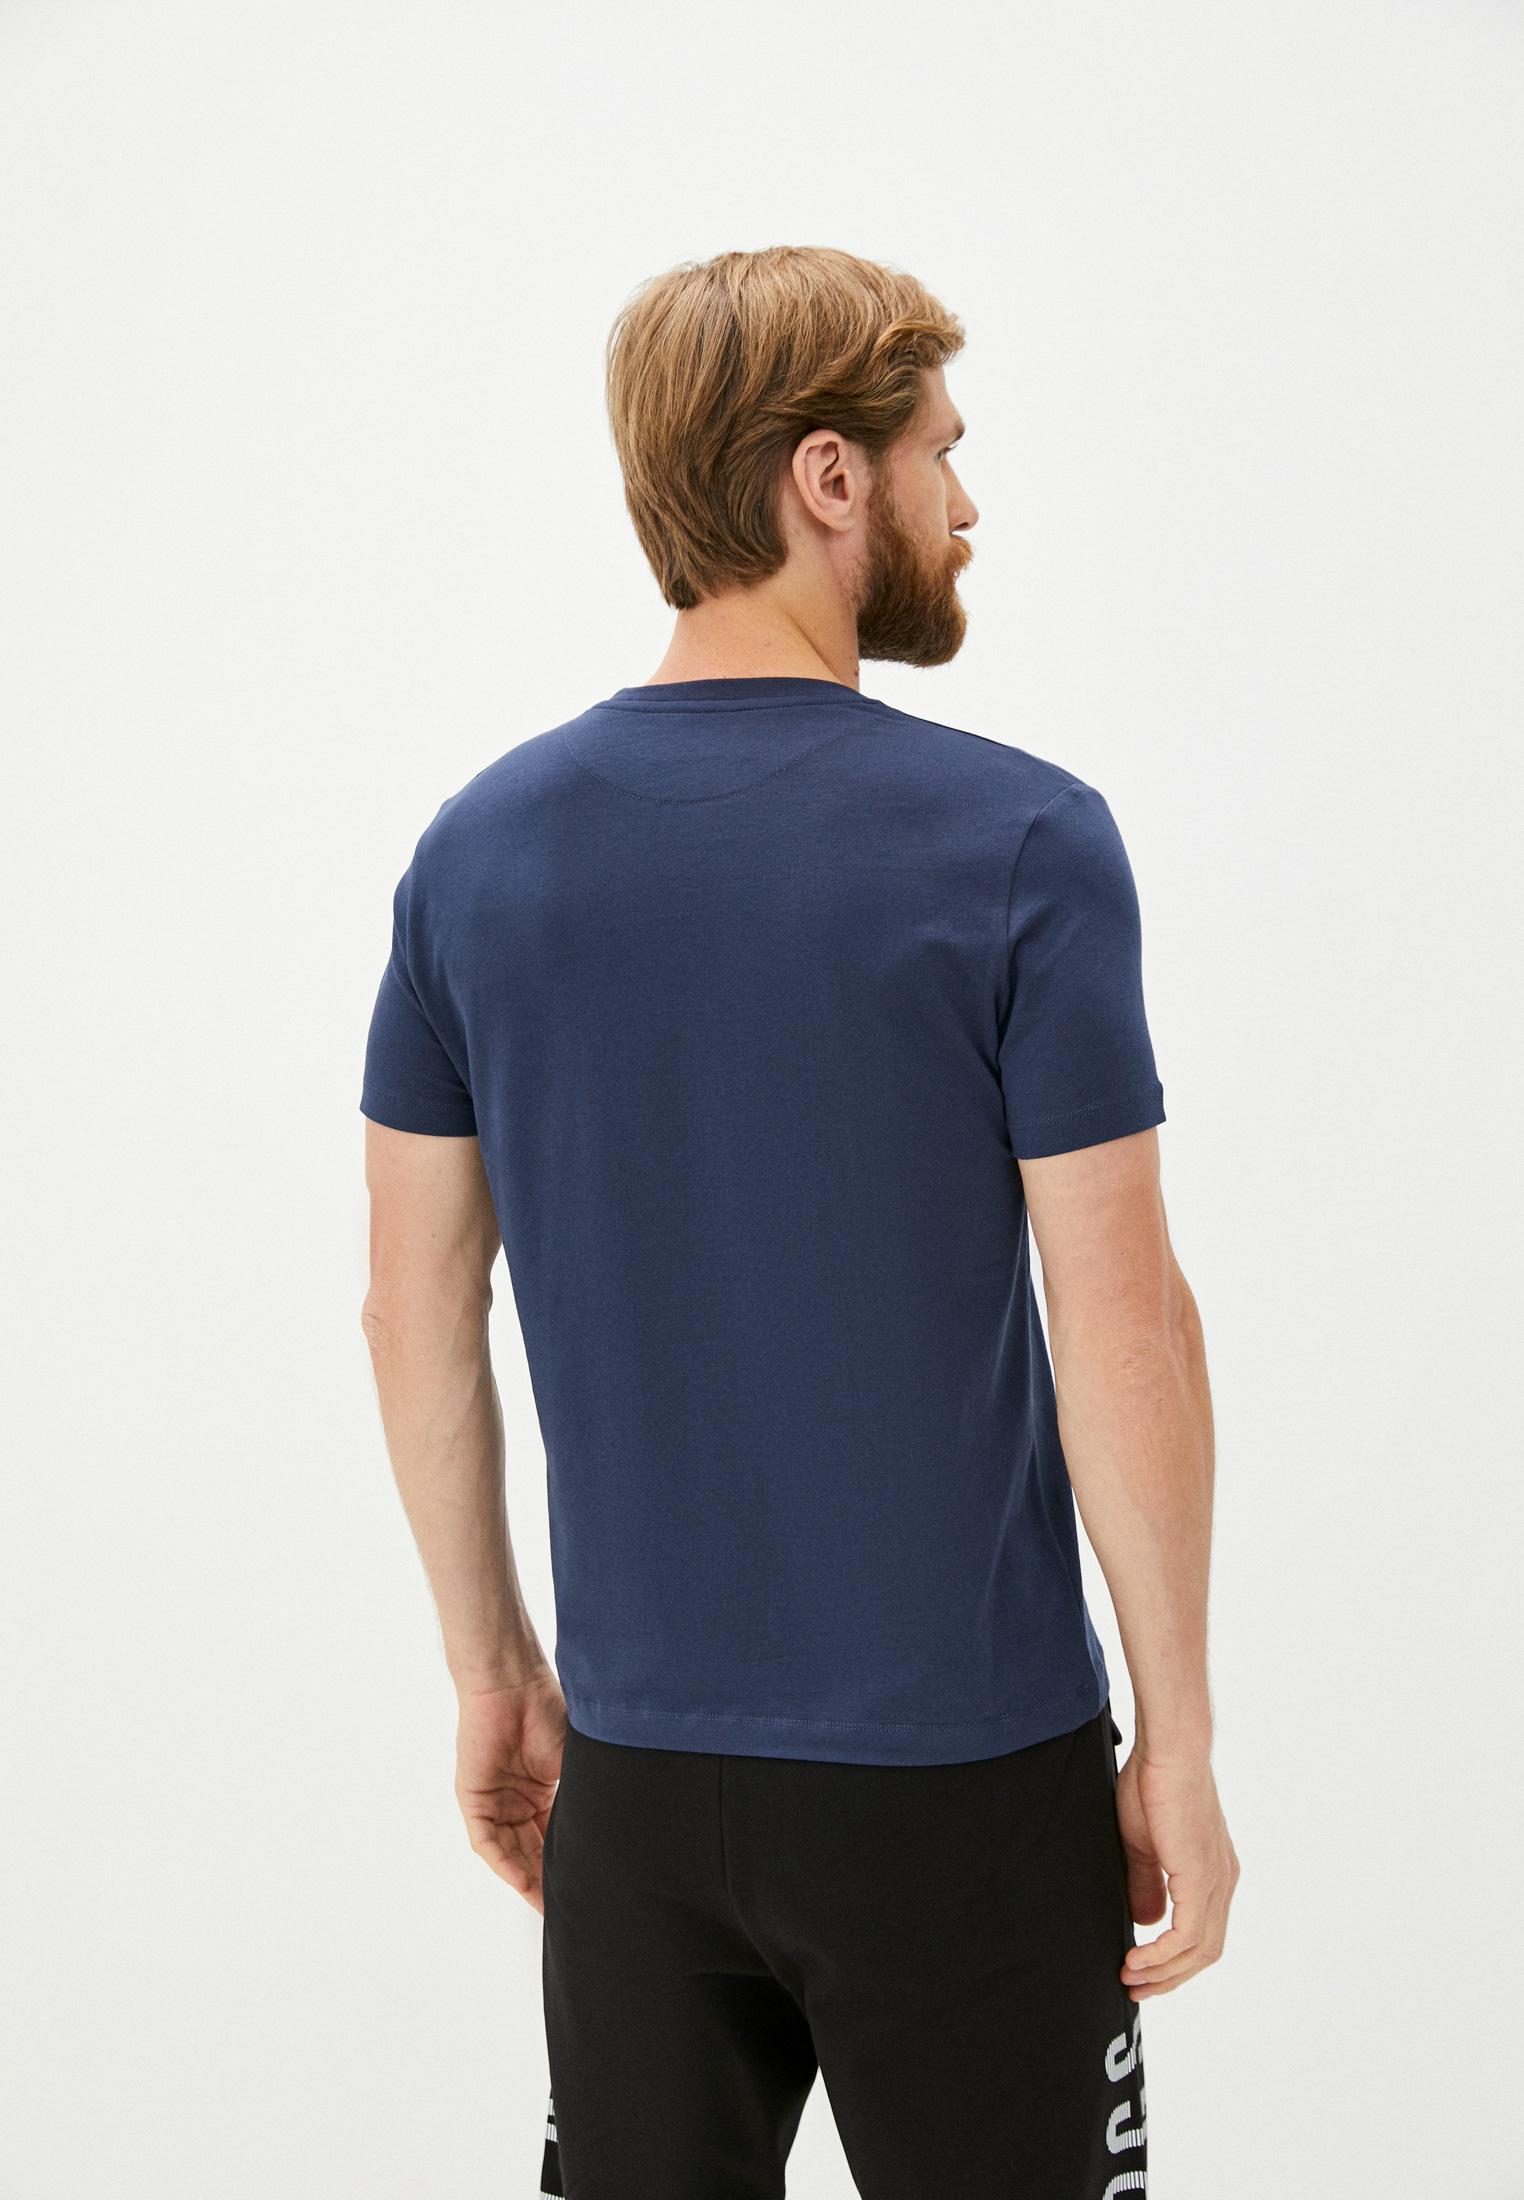 Мужская футболка Bikkembergs (Биккембергс) C 7 021 9T E 1823: изображение 4